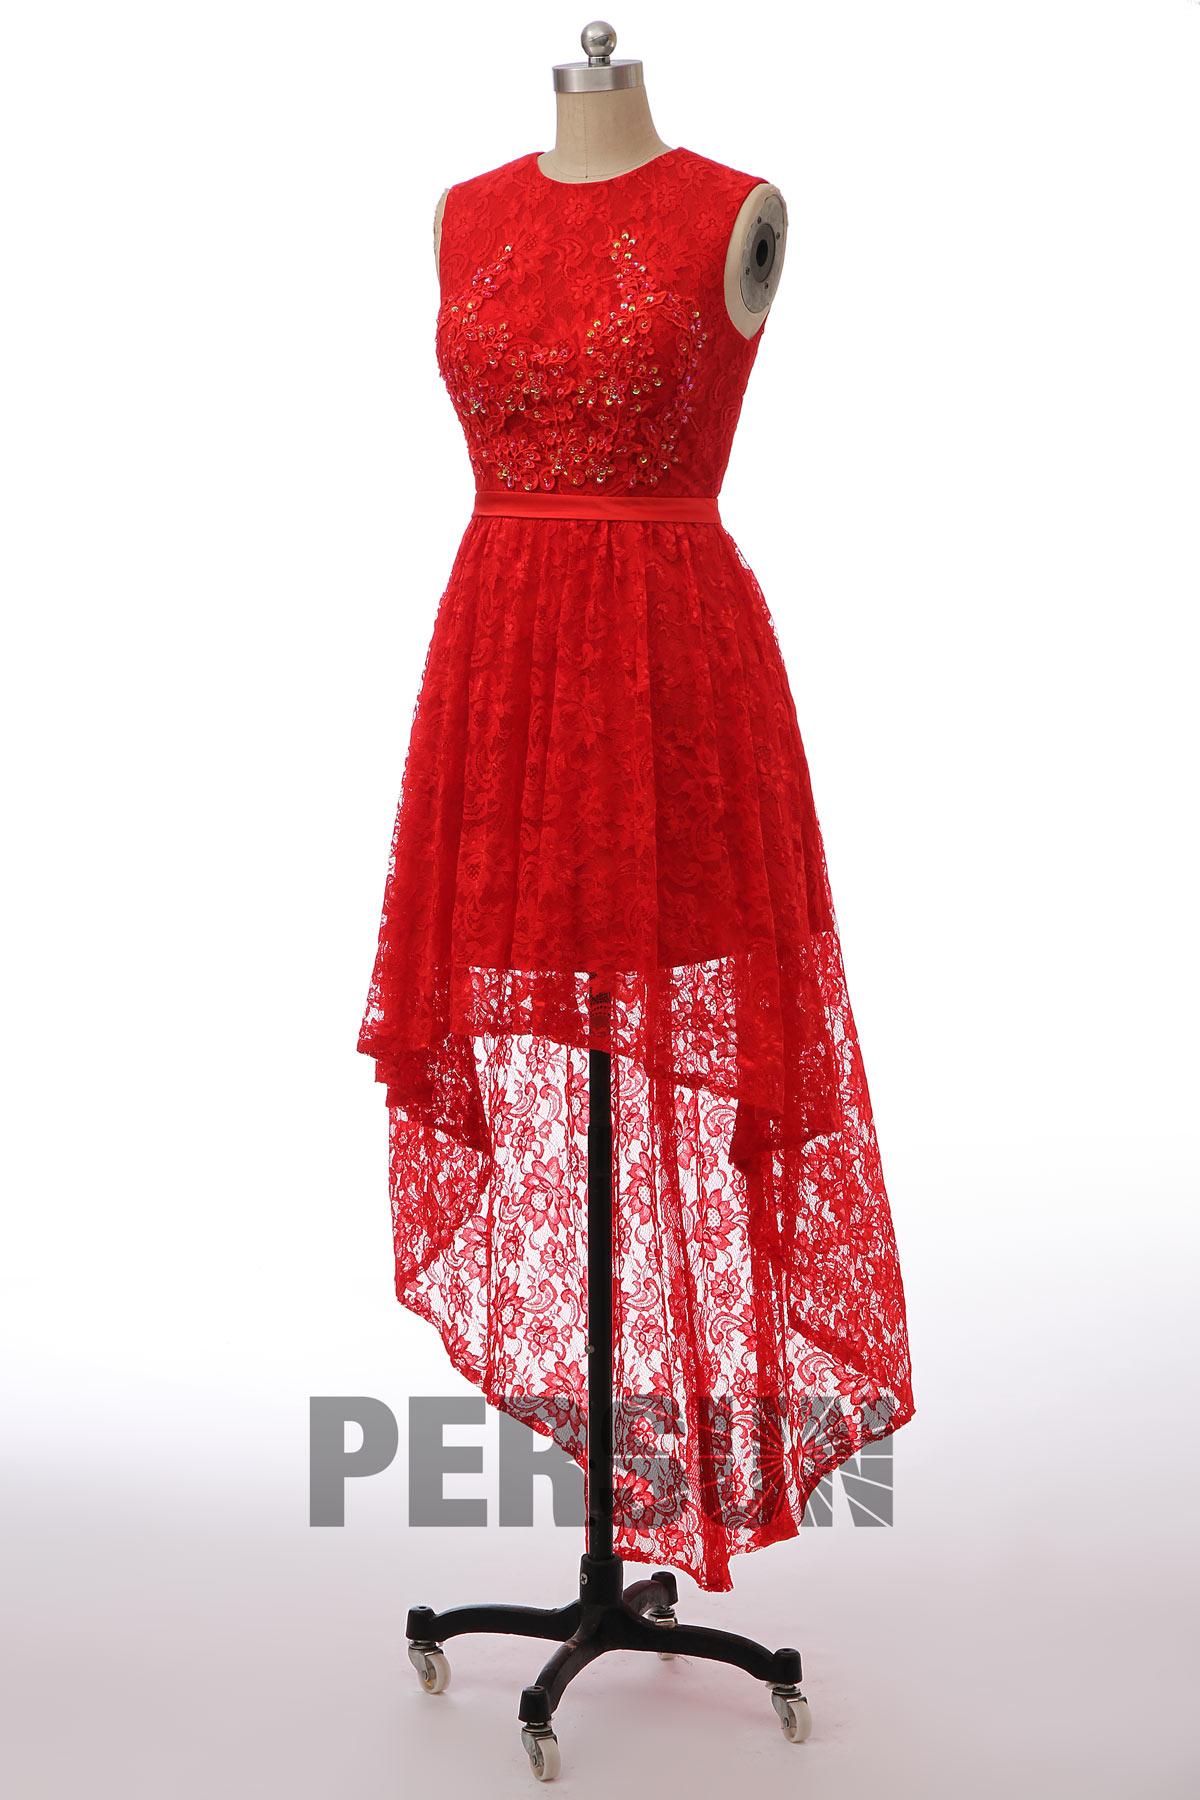 robe de cocktail élégante rouge courte devant longue derrière en dentelle appliquée encolure illusion